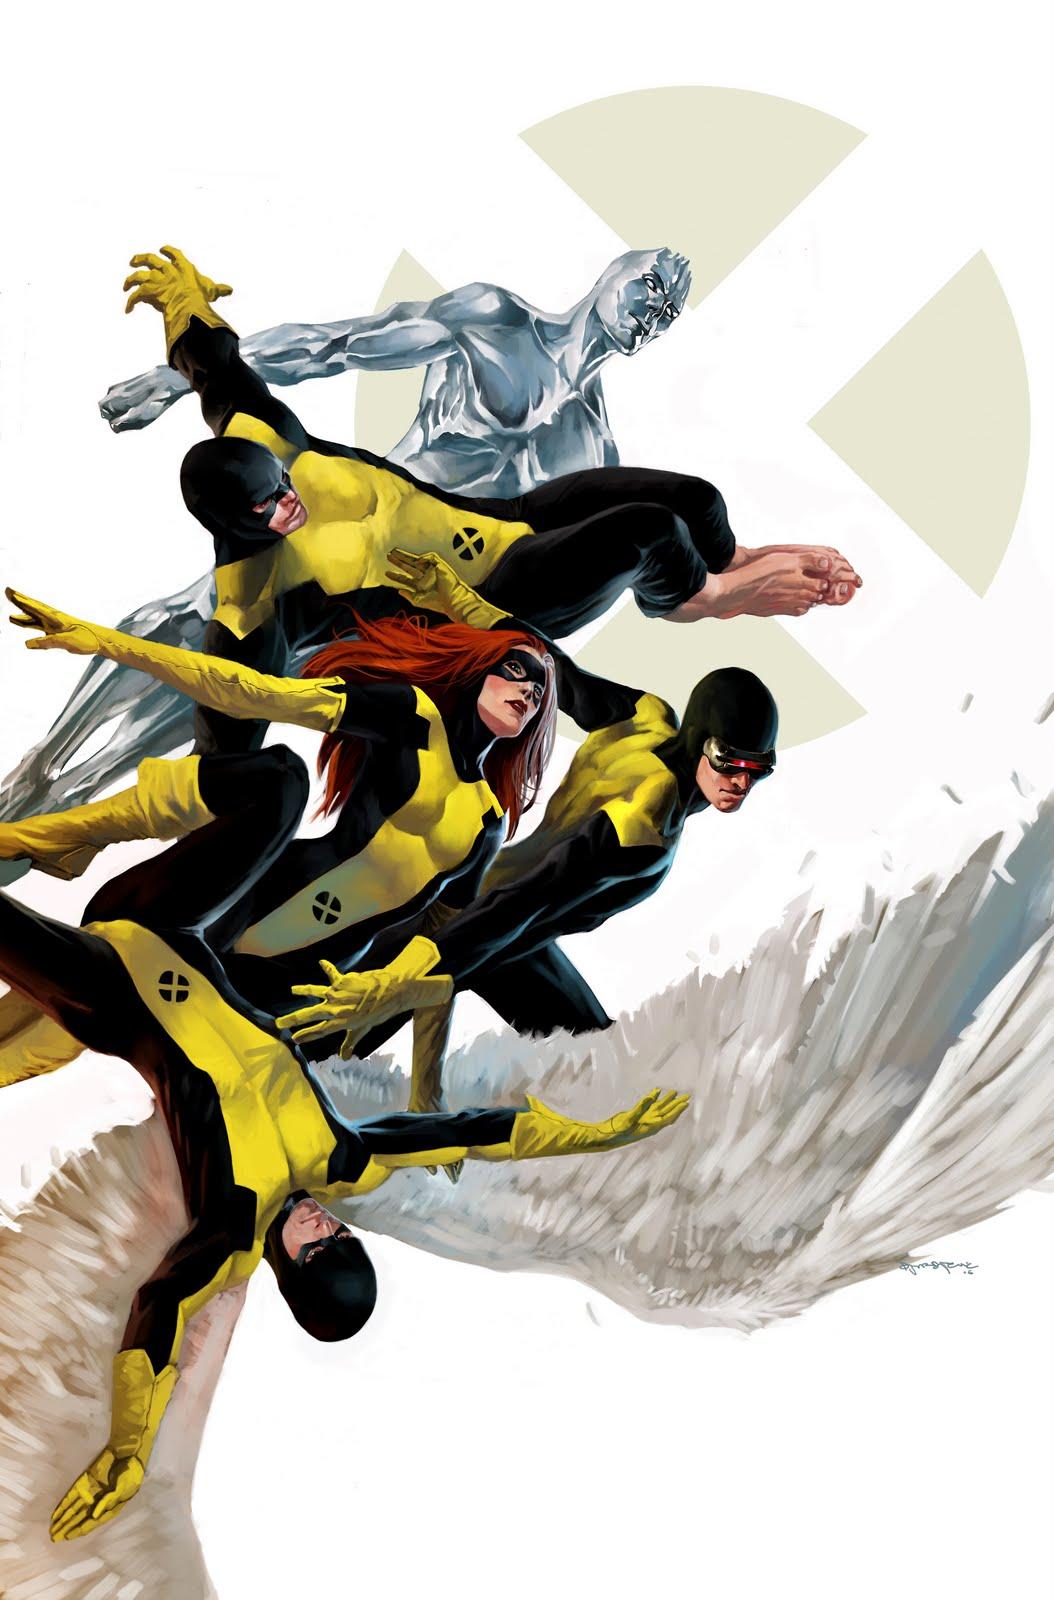 x-men original team modern take